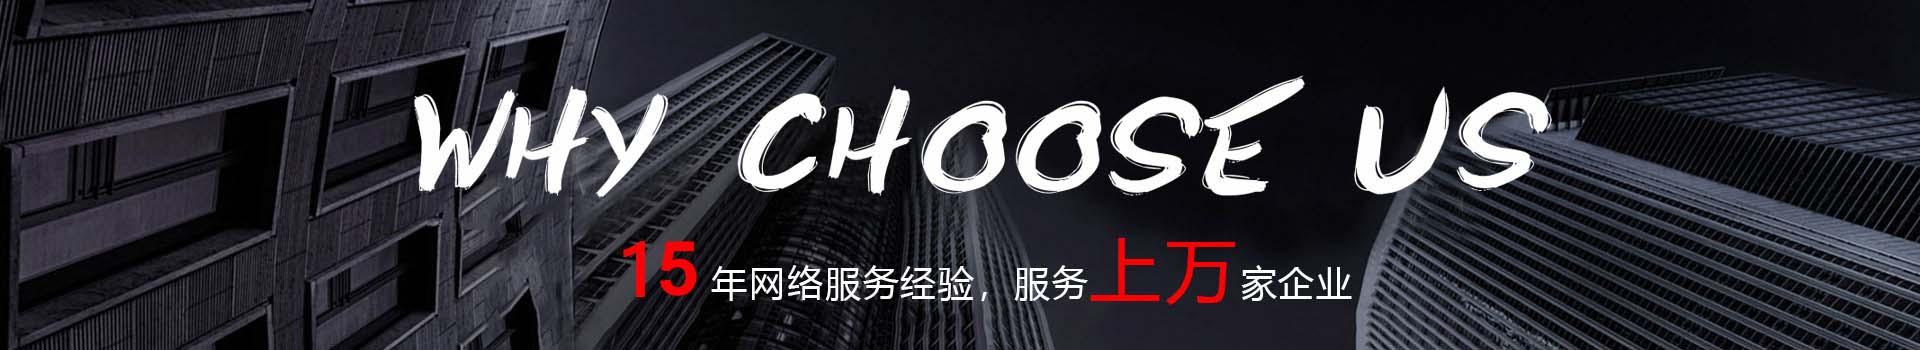 杭州网博科技有限公司-专业15年网站建设、小程序开发,服务客户1万余家